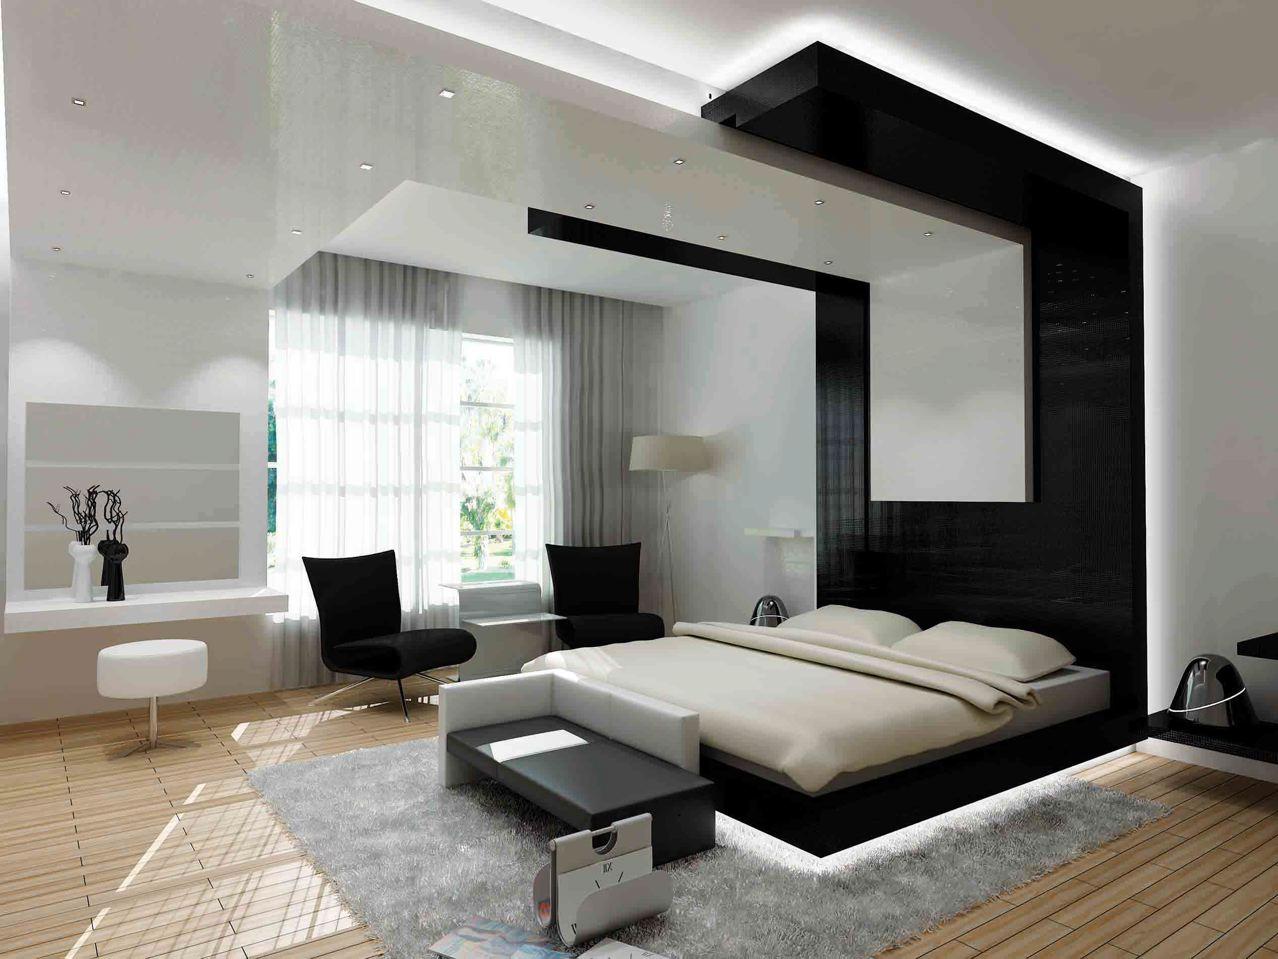 Способ выделить прикроватную зону и визуально уменьшить высоту потолка